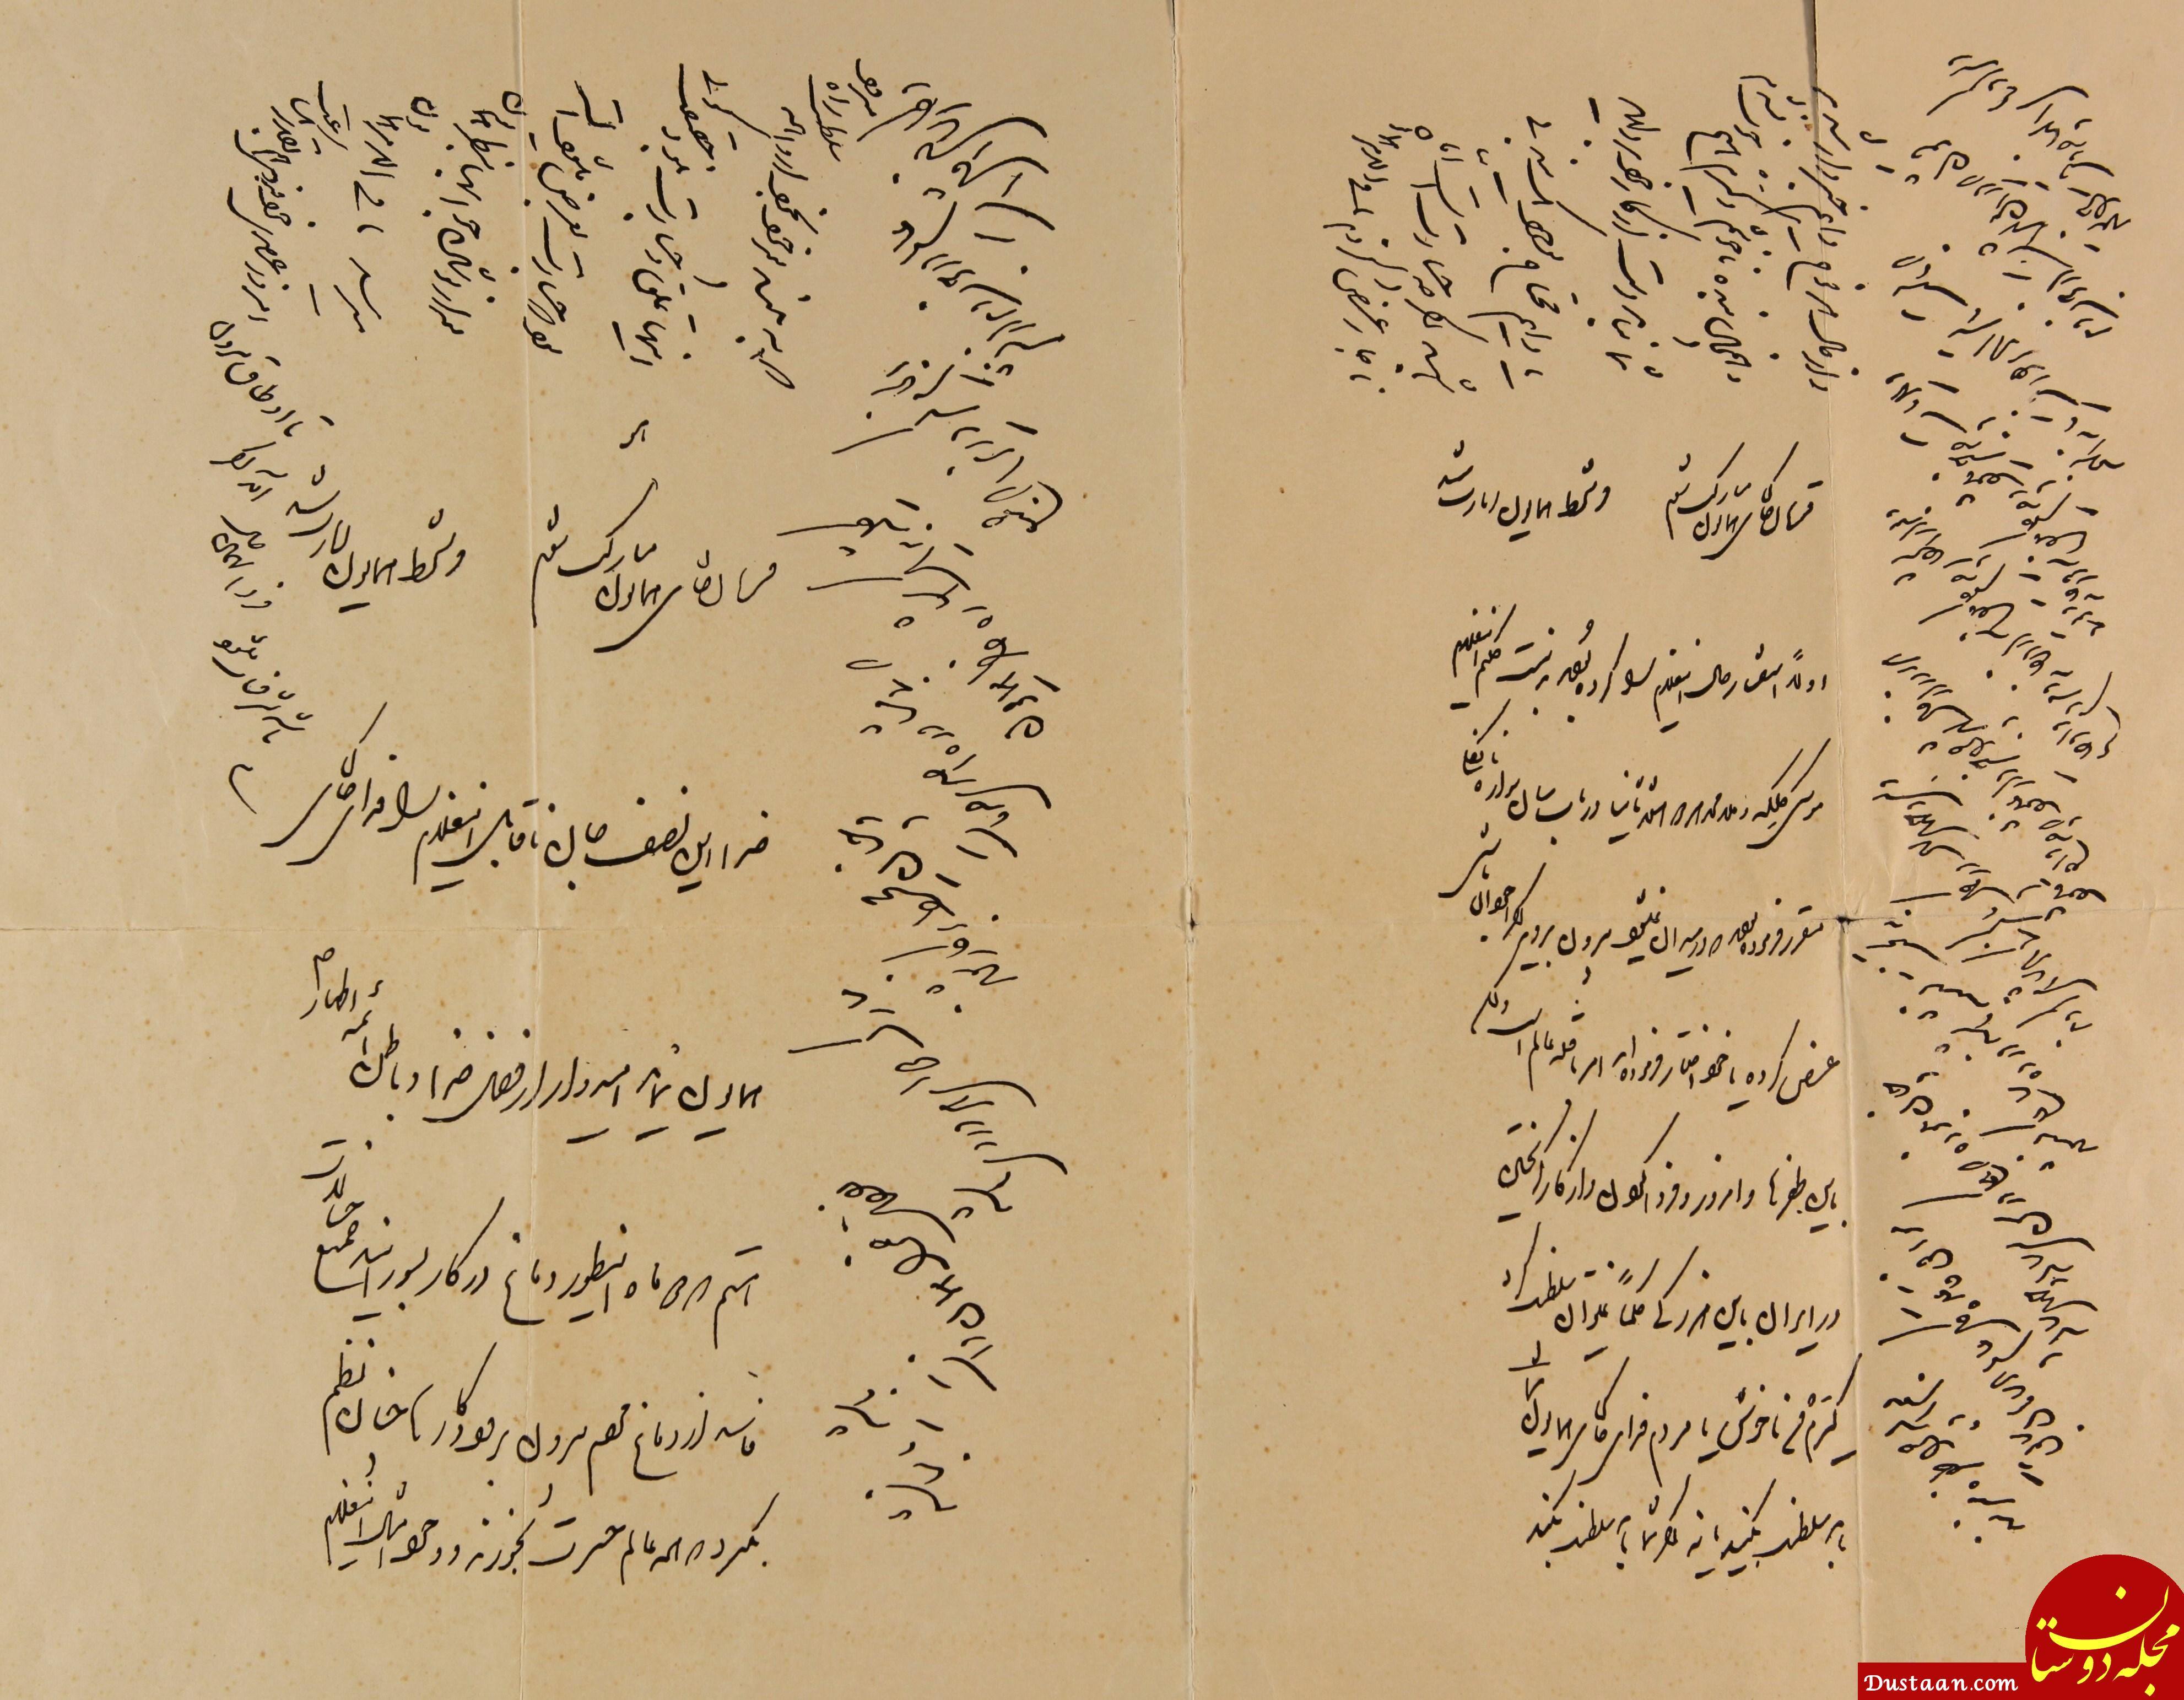 اتمام حجت امیرکبیر با ناصرالدین شاه قاجار! +عکس